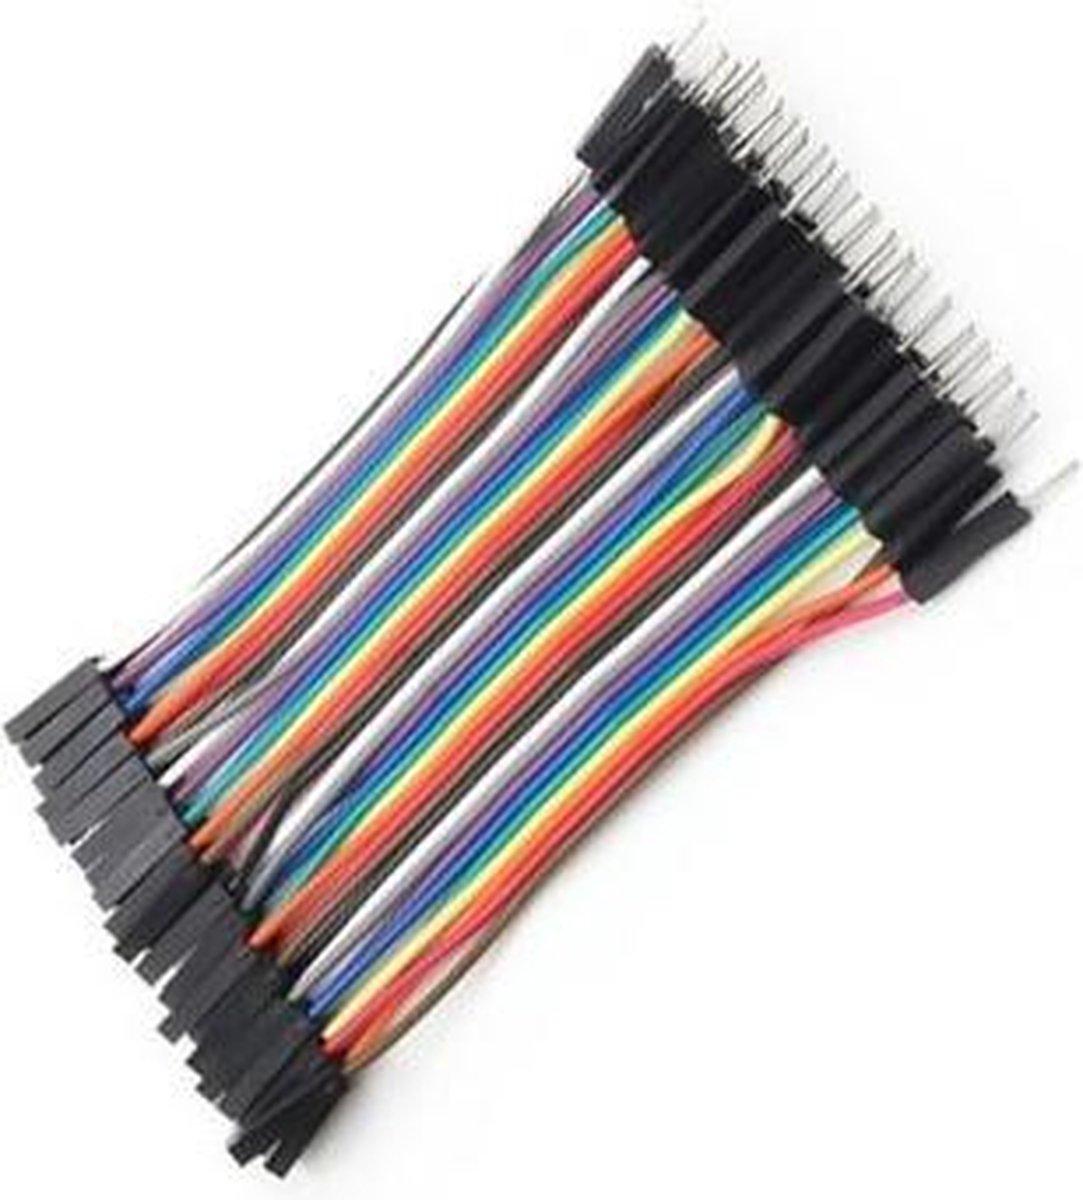 Dupont Jumper kabels 40 stuks (Male-Female) 10cm voor Breadboard - Arduino